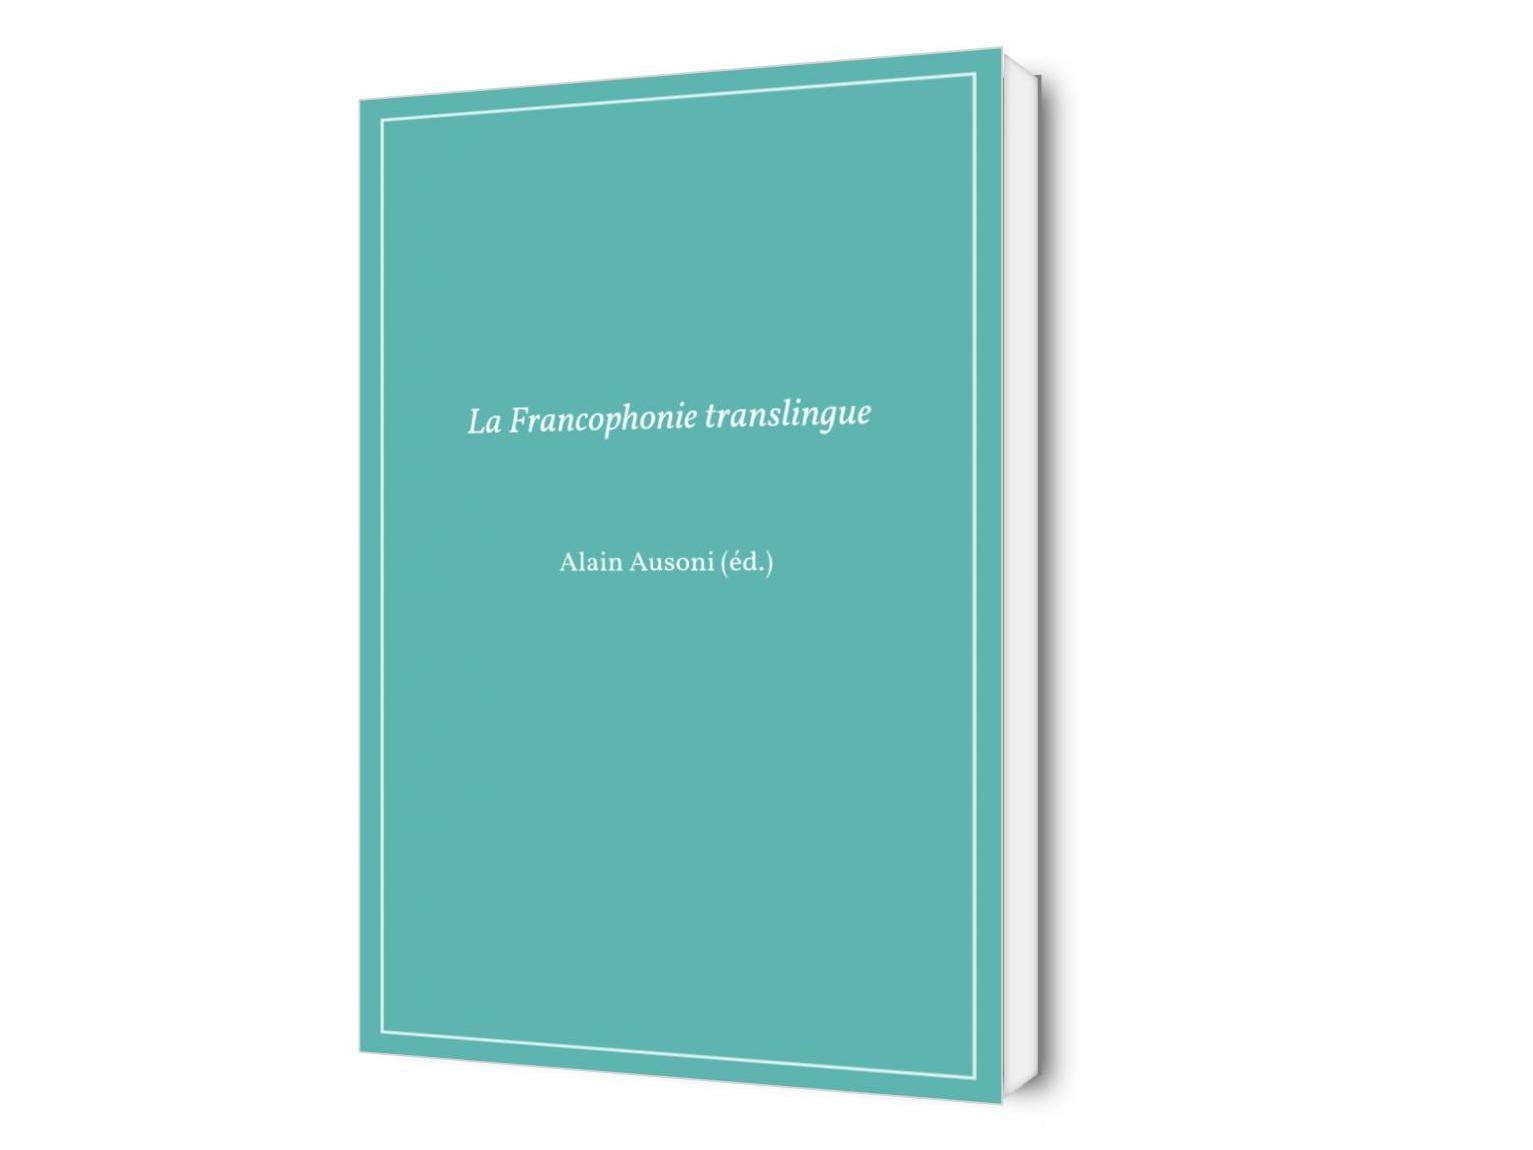 La Francophonie translingue